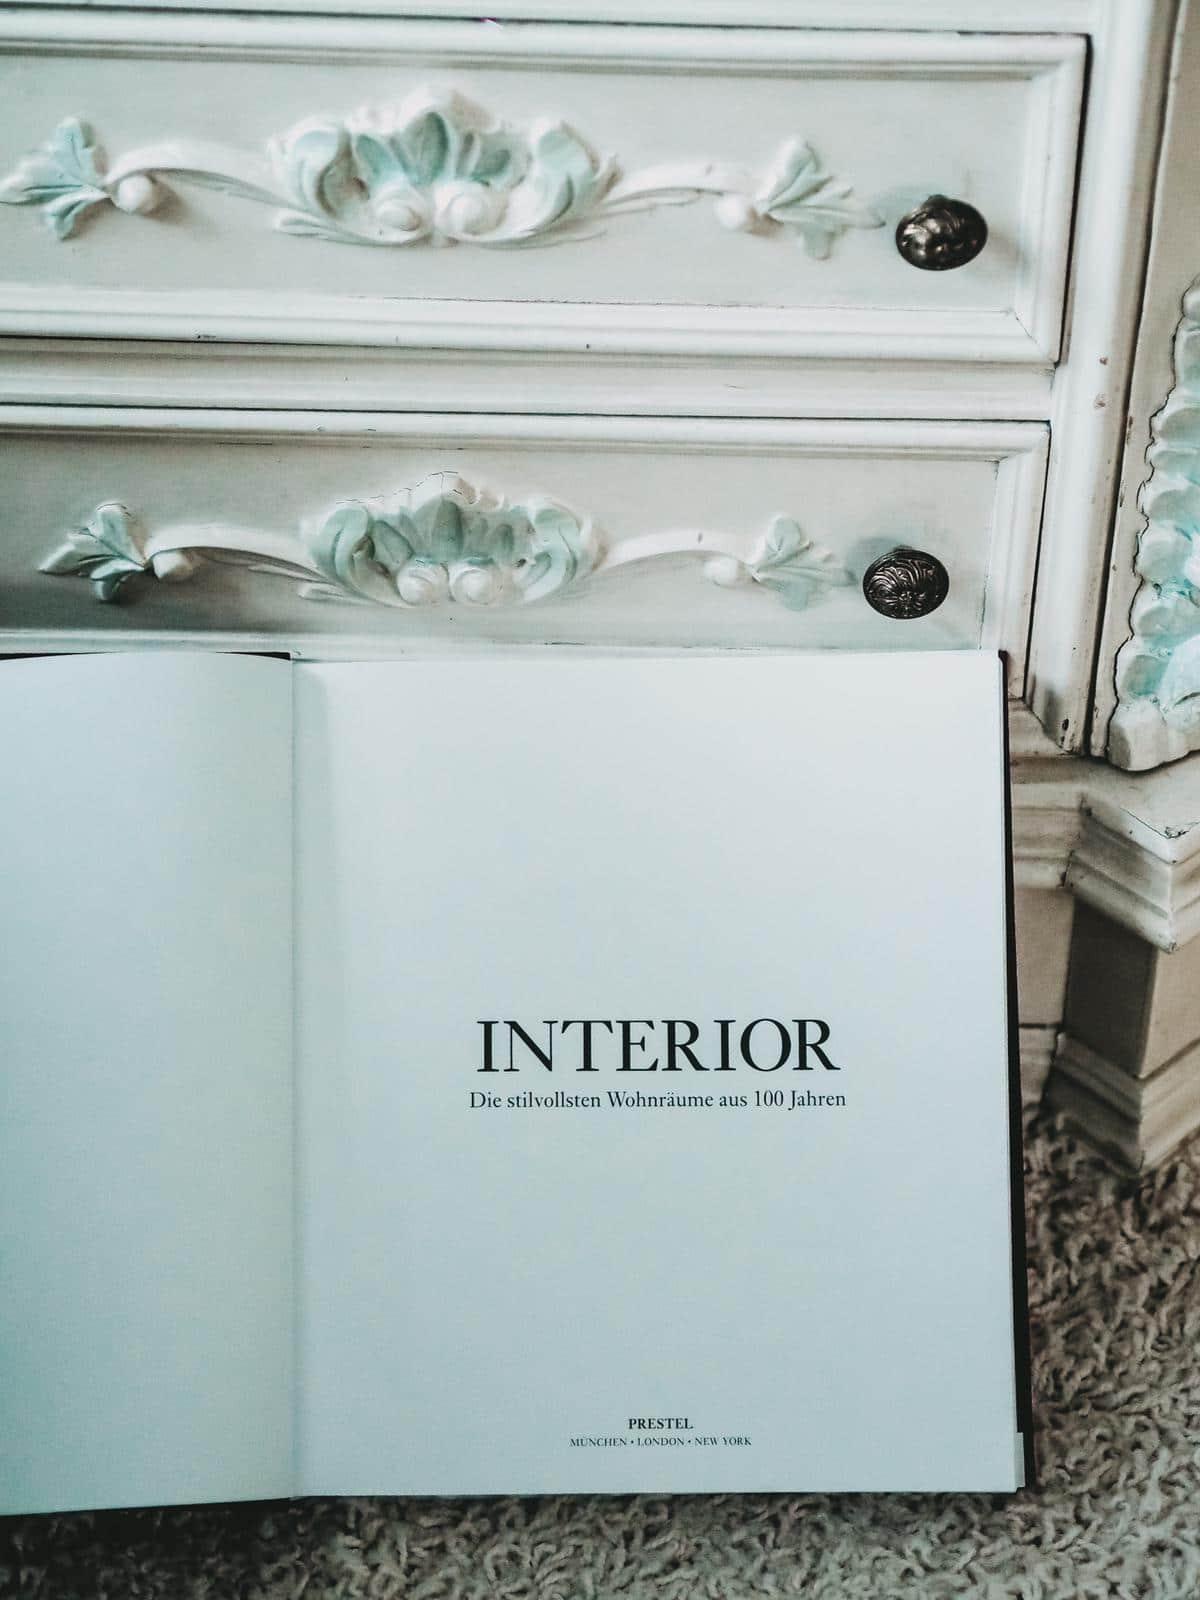 Interior - die stilvollsten Wohnräume aus 100 Jahren